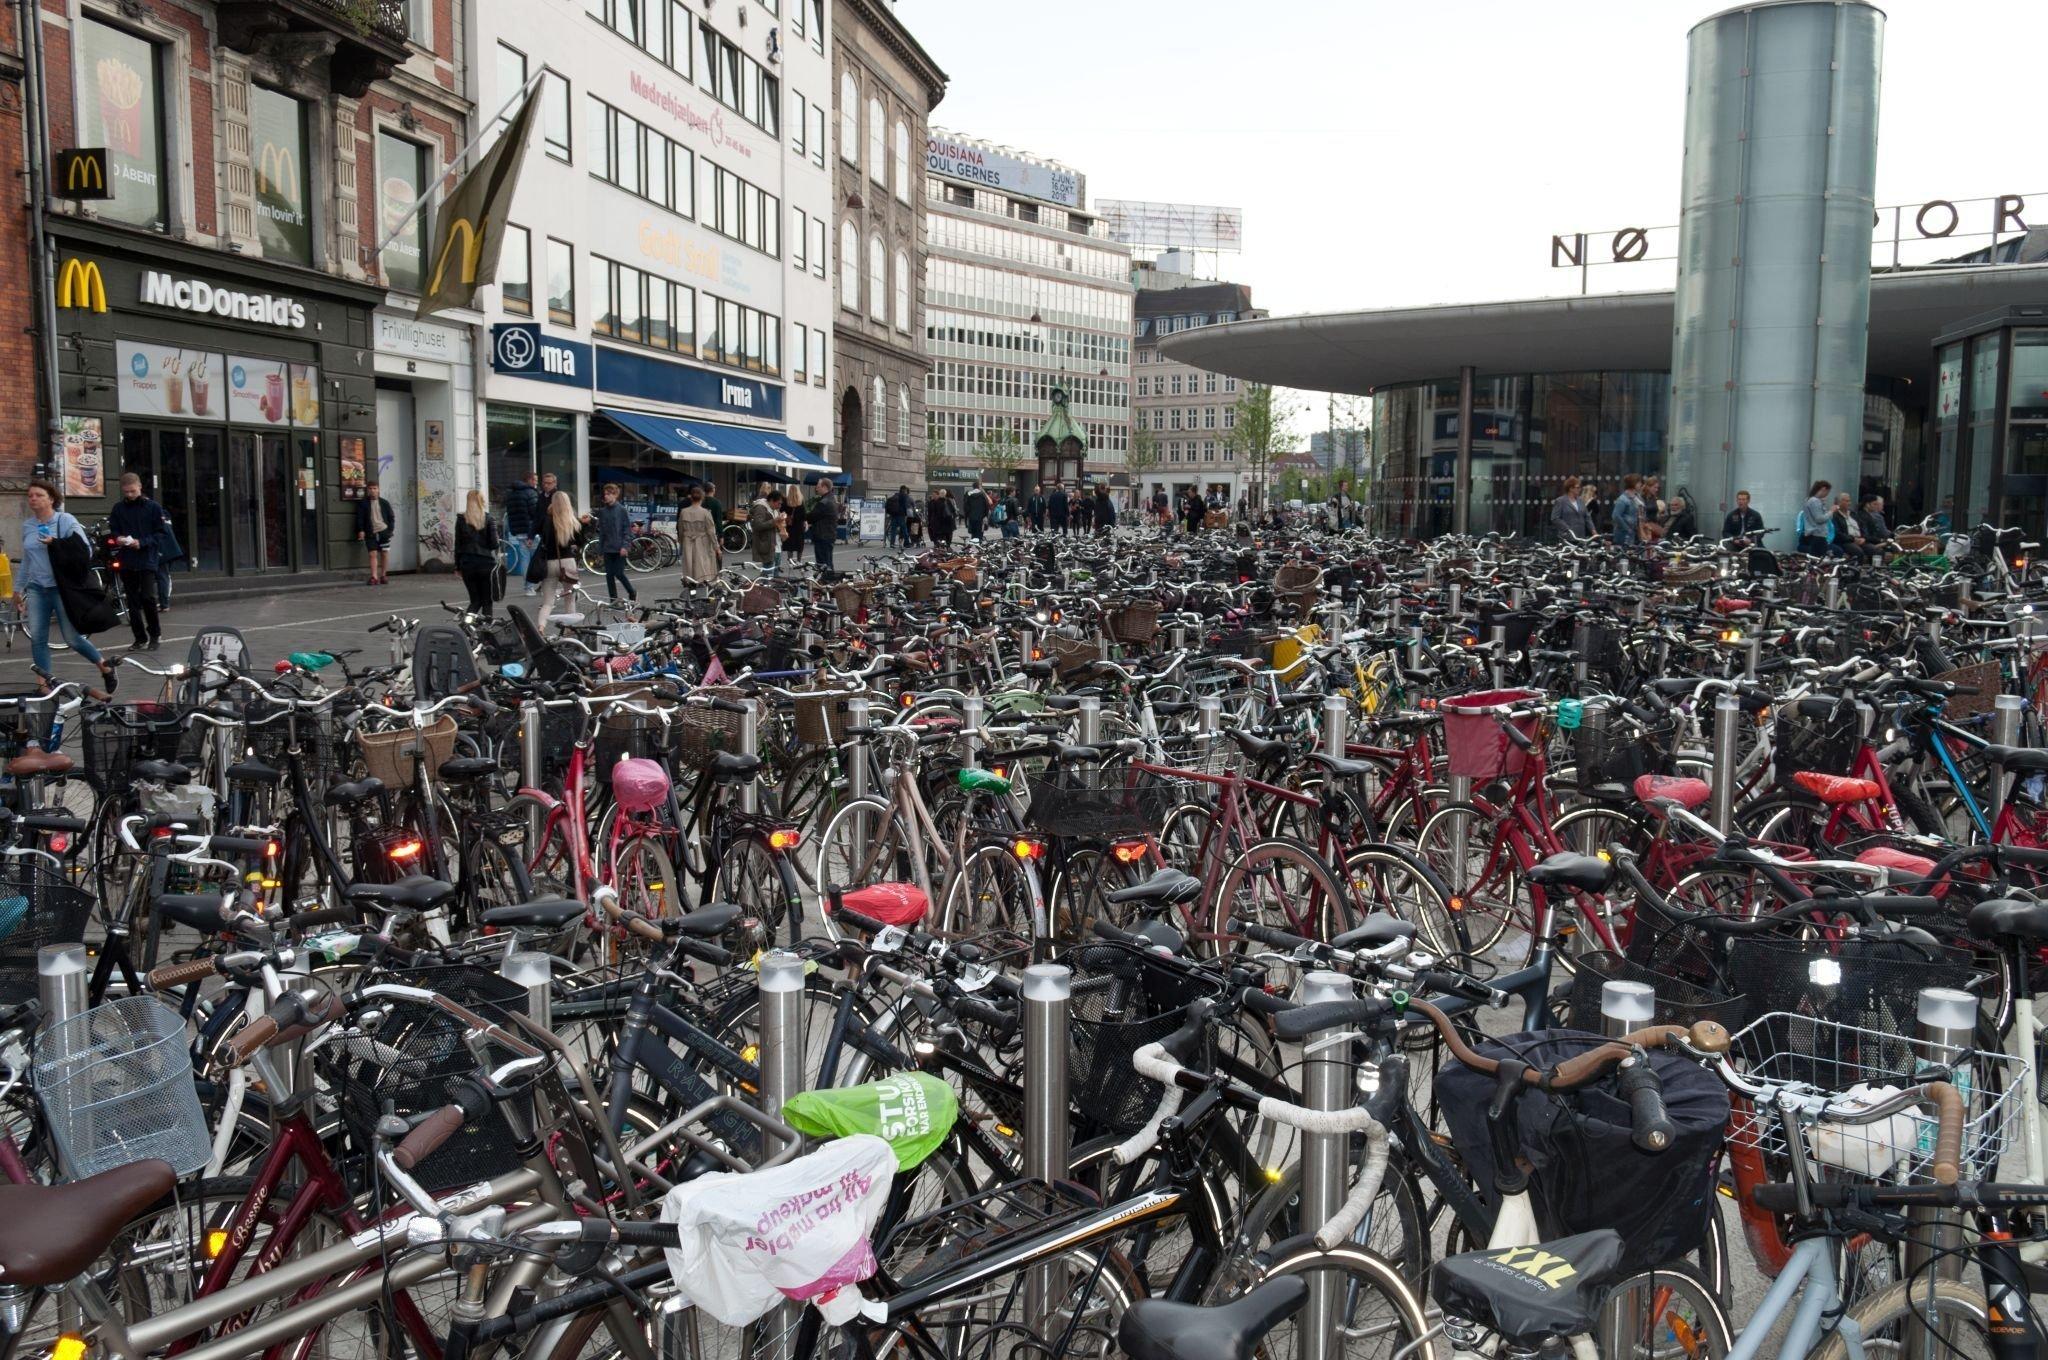 Zahlreiche Fahrräder auf einem Parkpklatz